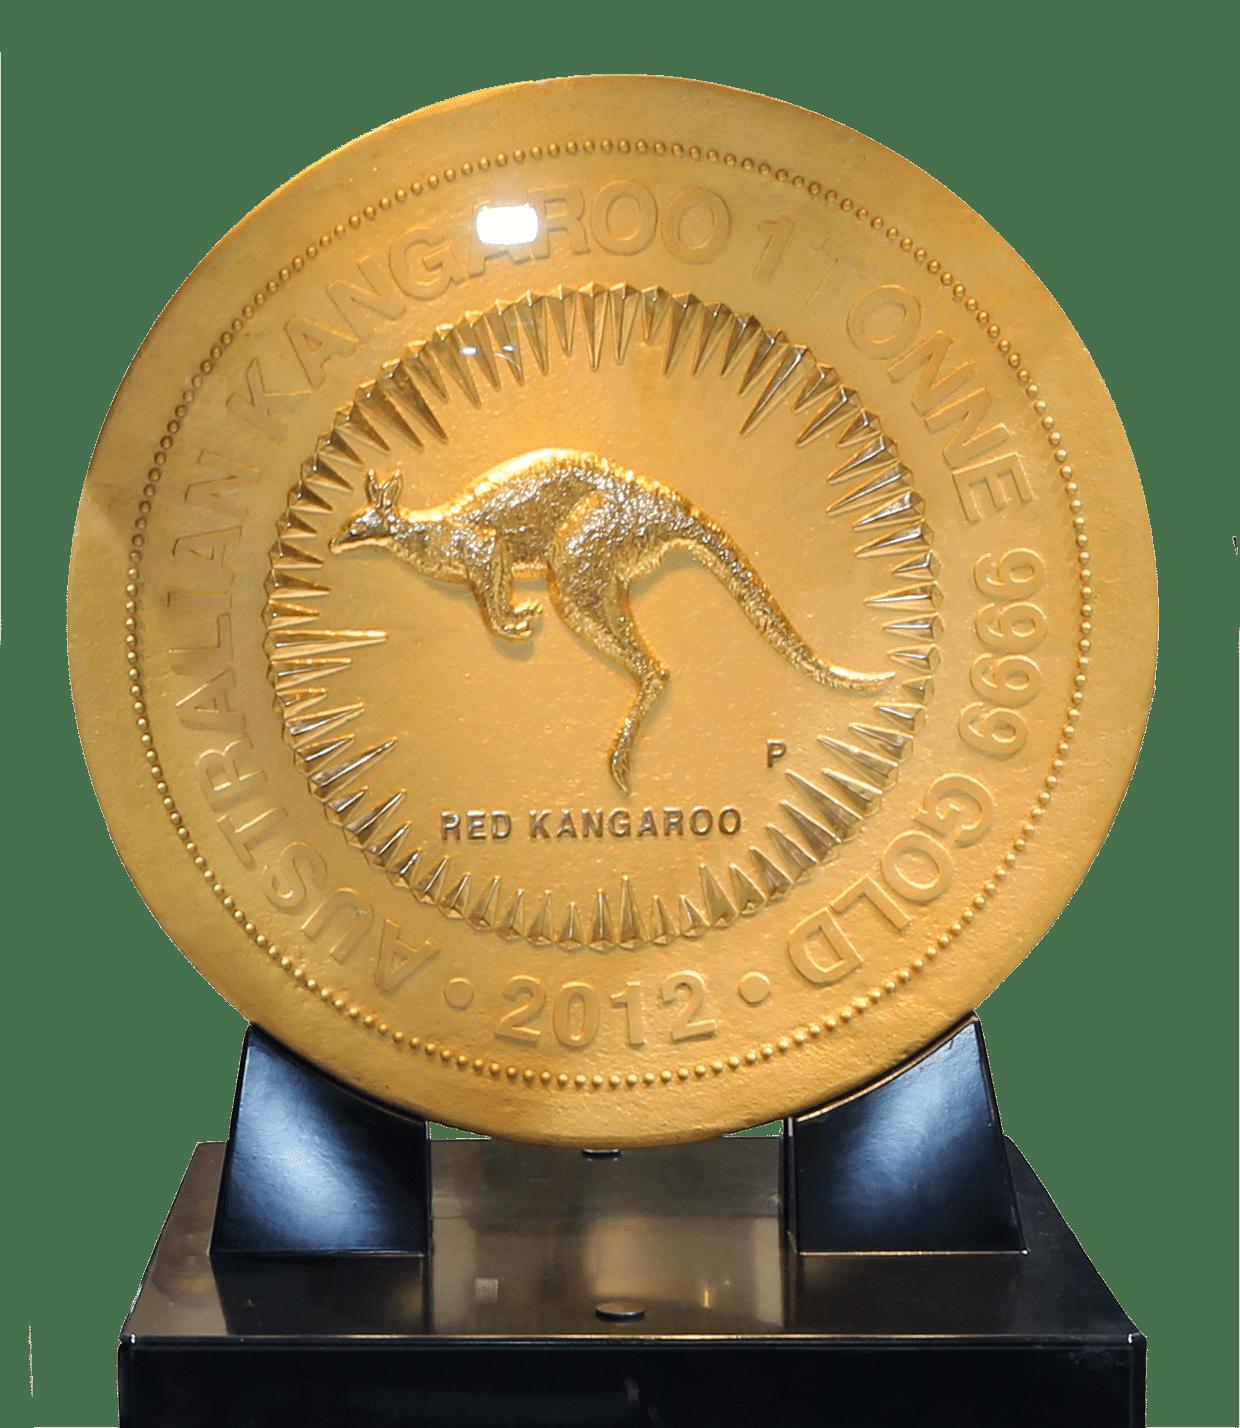 Teuerste Münze der Welt - nach seinem Goldwert gerechnet - 1 Tonne reines Gold - ca. 35.000.000 € (11.10.2017)